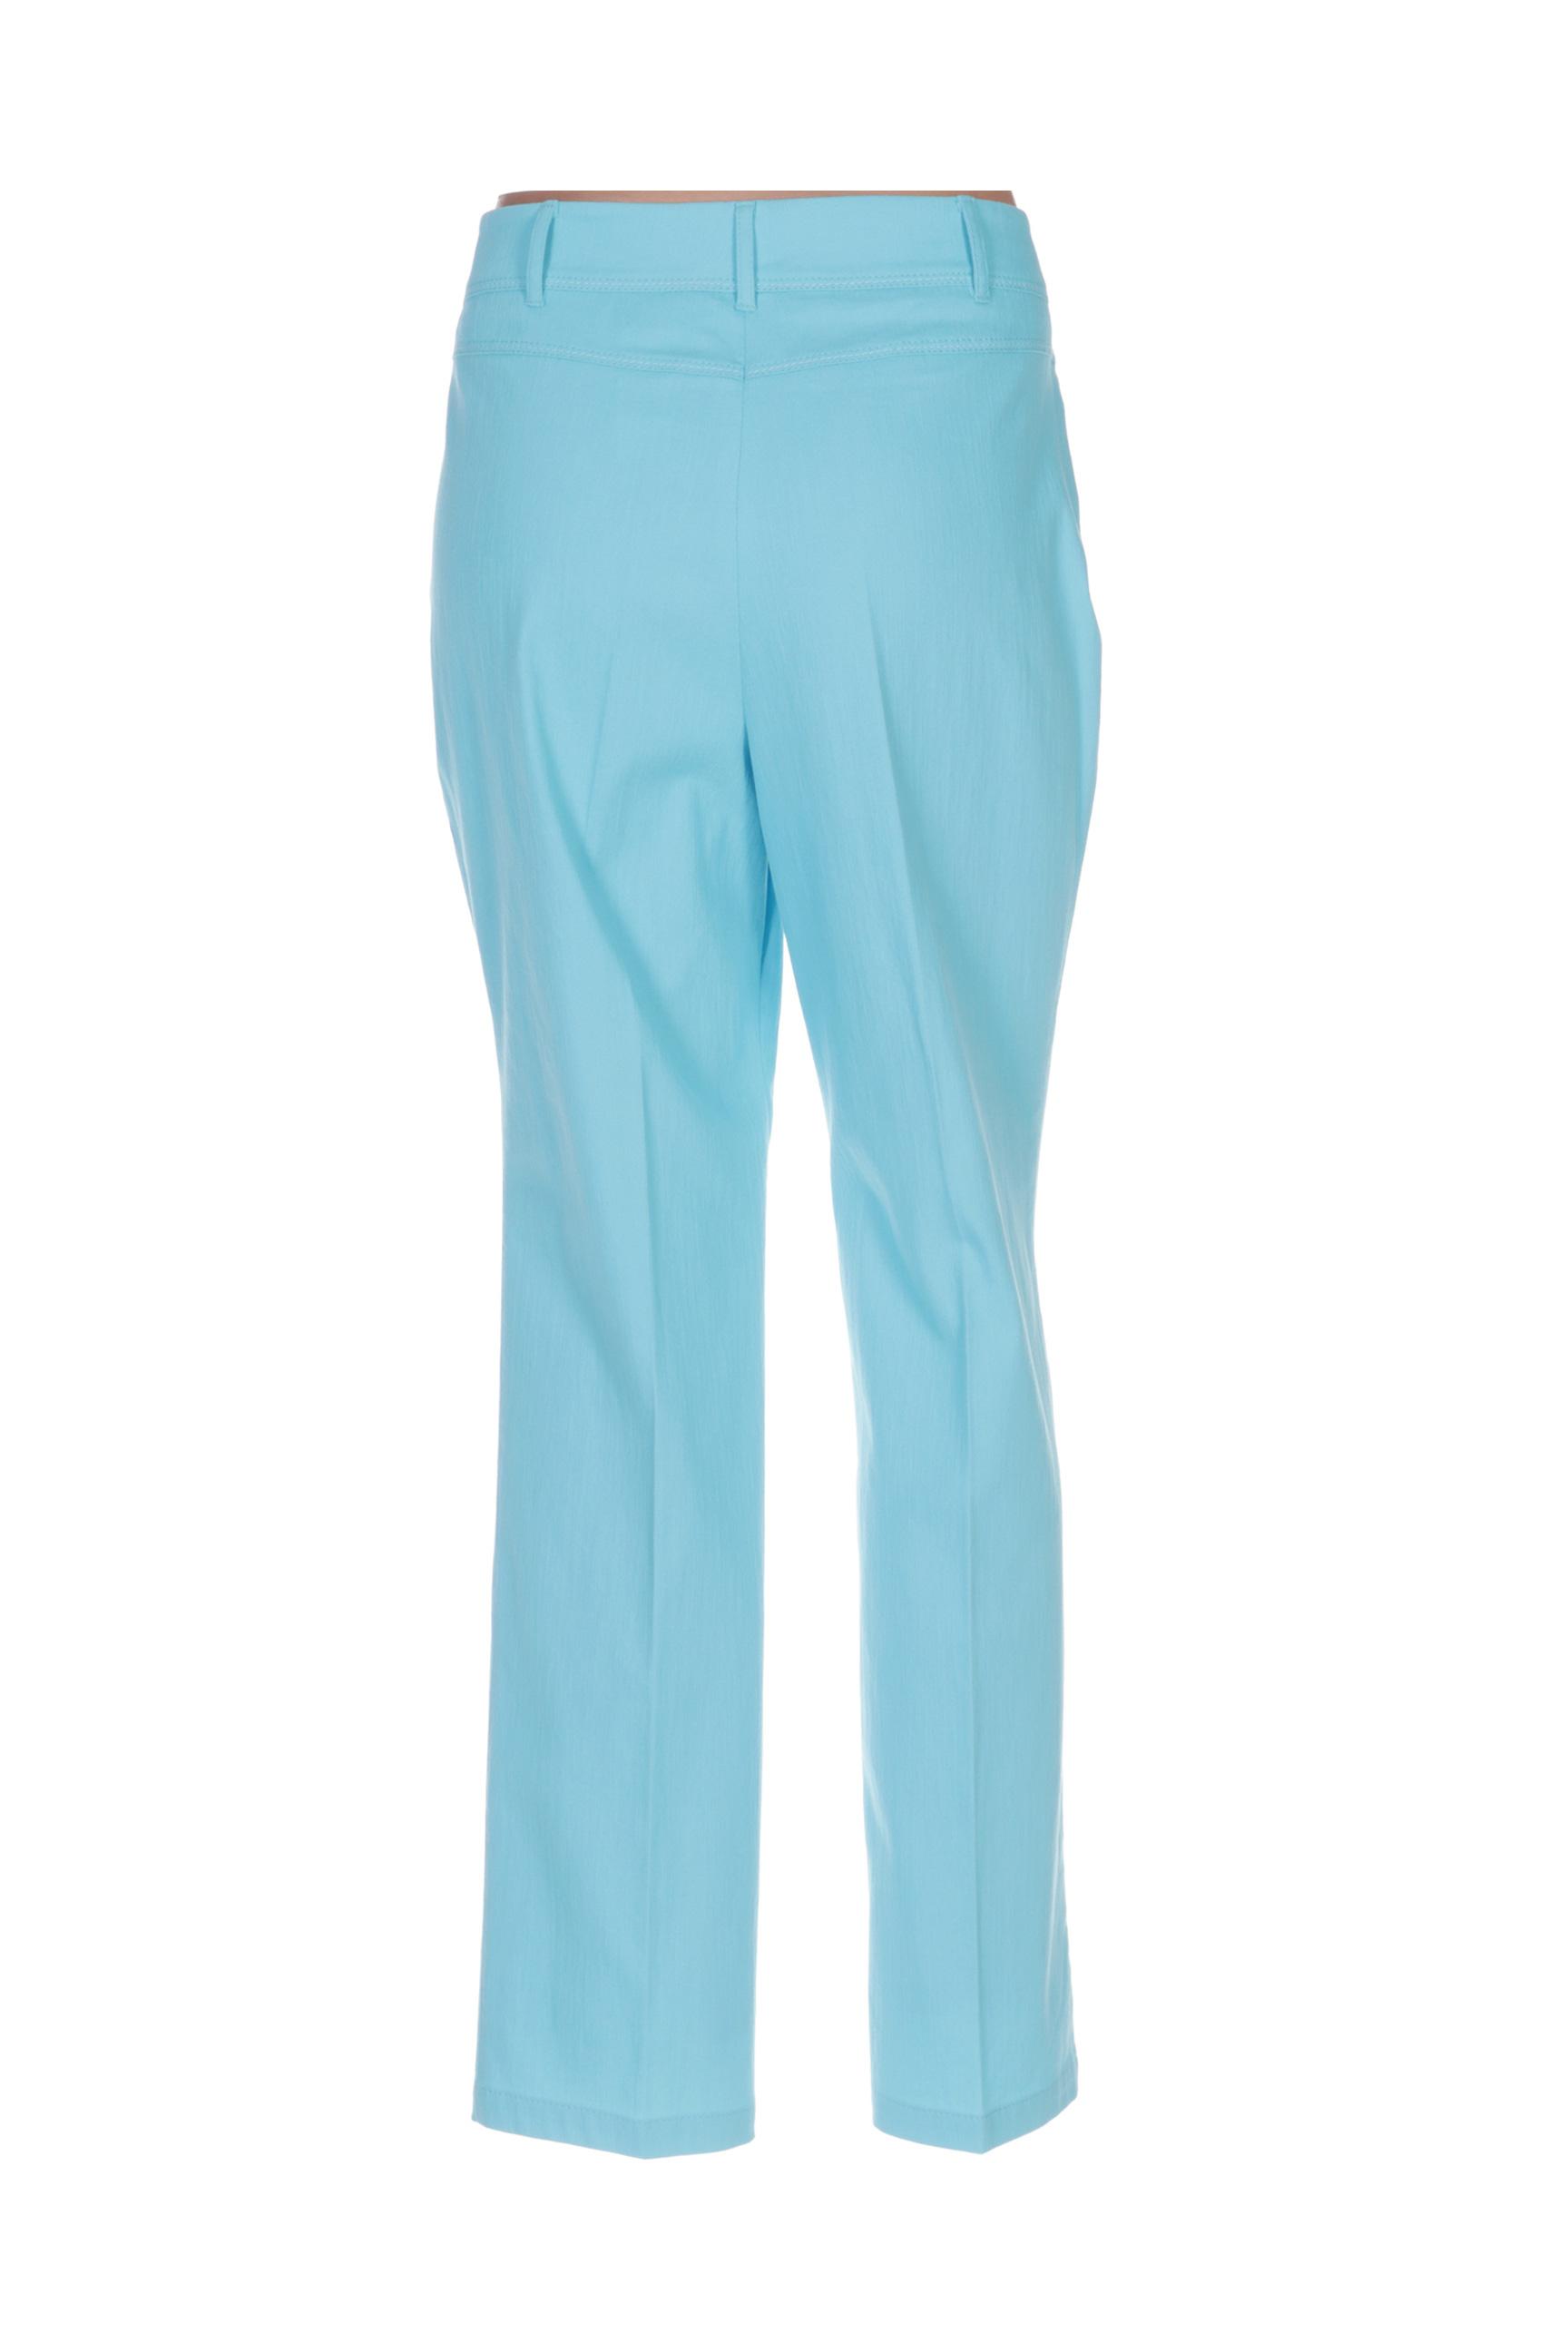 Lebek Pantalons Decontractes Femme De Couleur Bleu En Soldes Pas Cher 1410400-bleu00